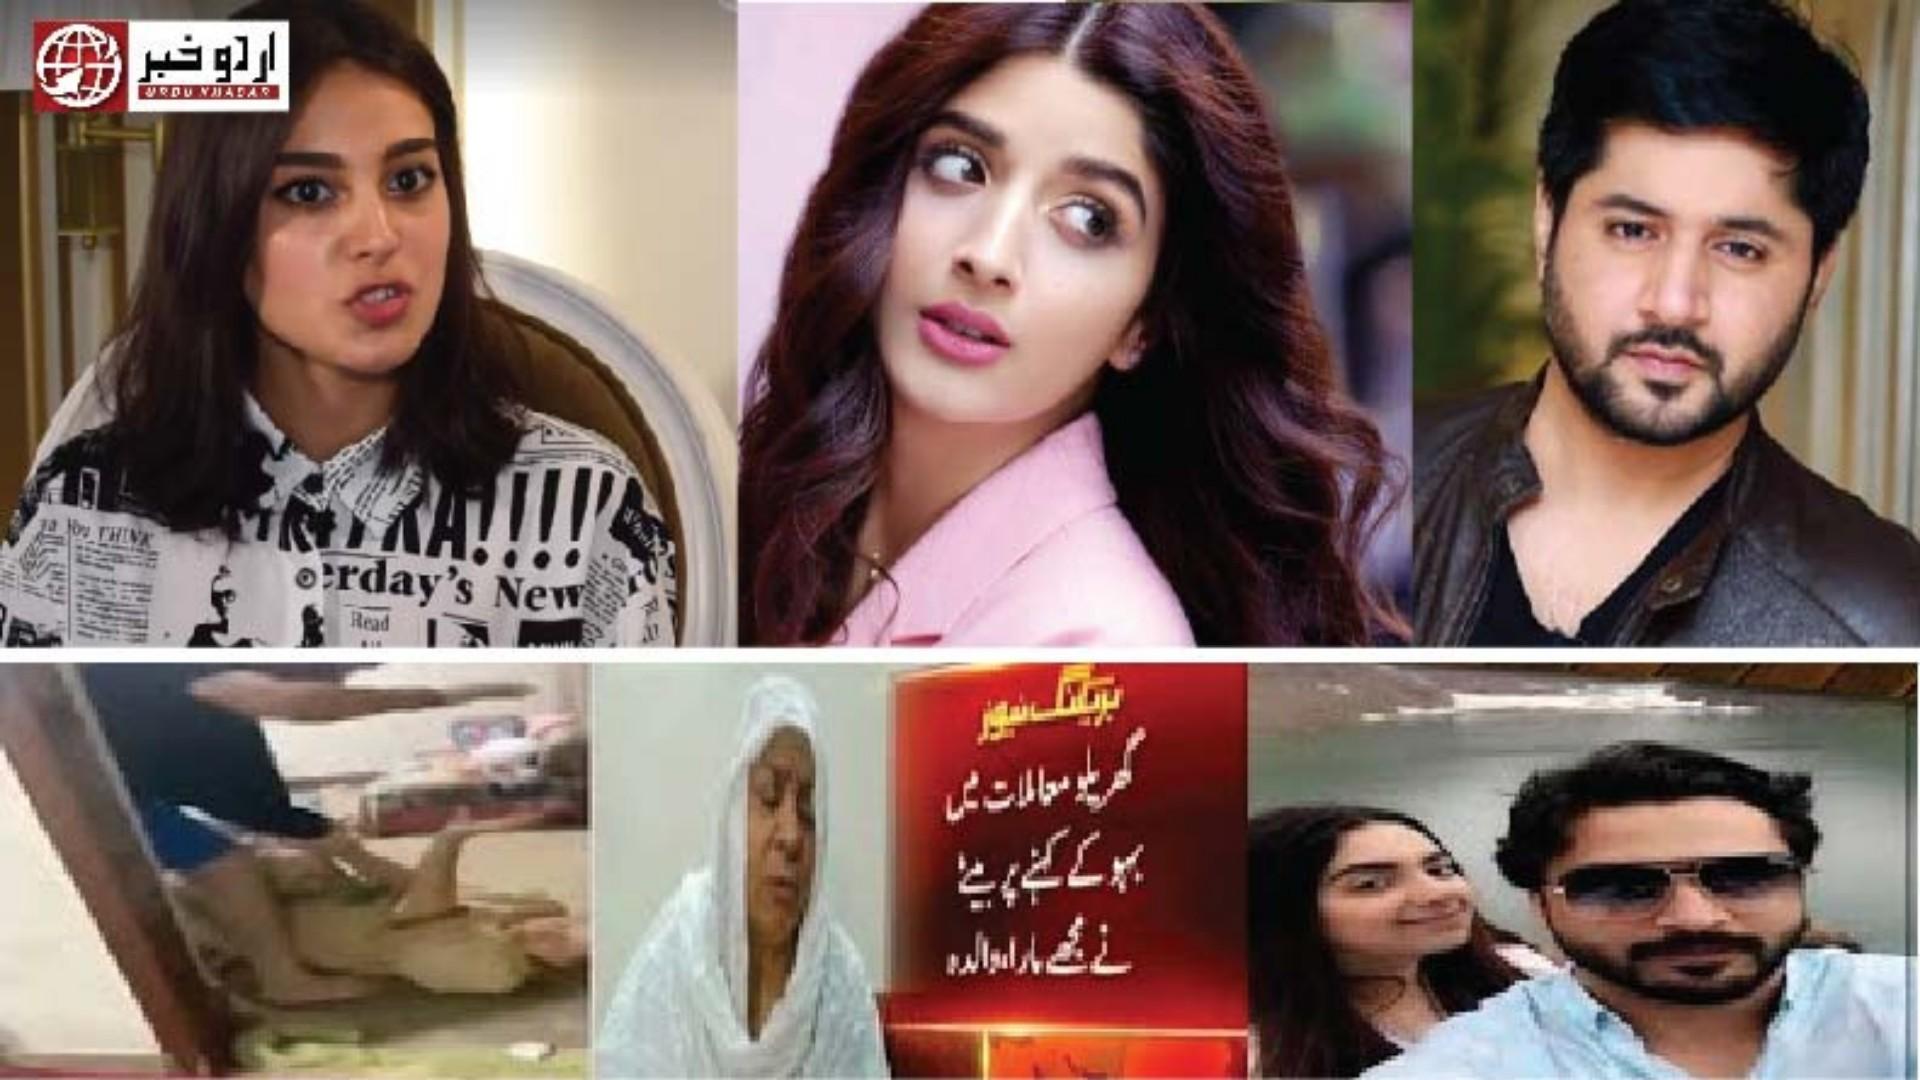 بیٹے کا ماں پر تشدد، وائرل وڈیو پر پاکستانی سٹارز کا رد عمل